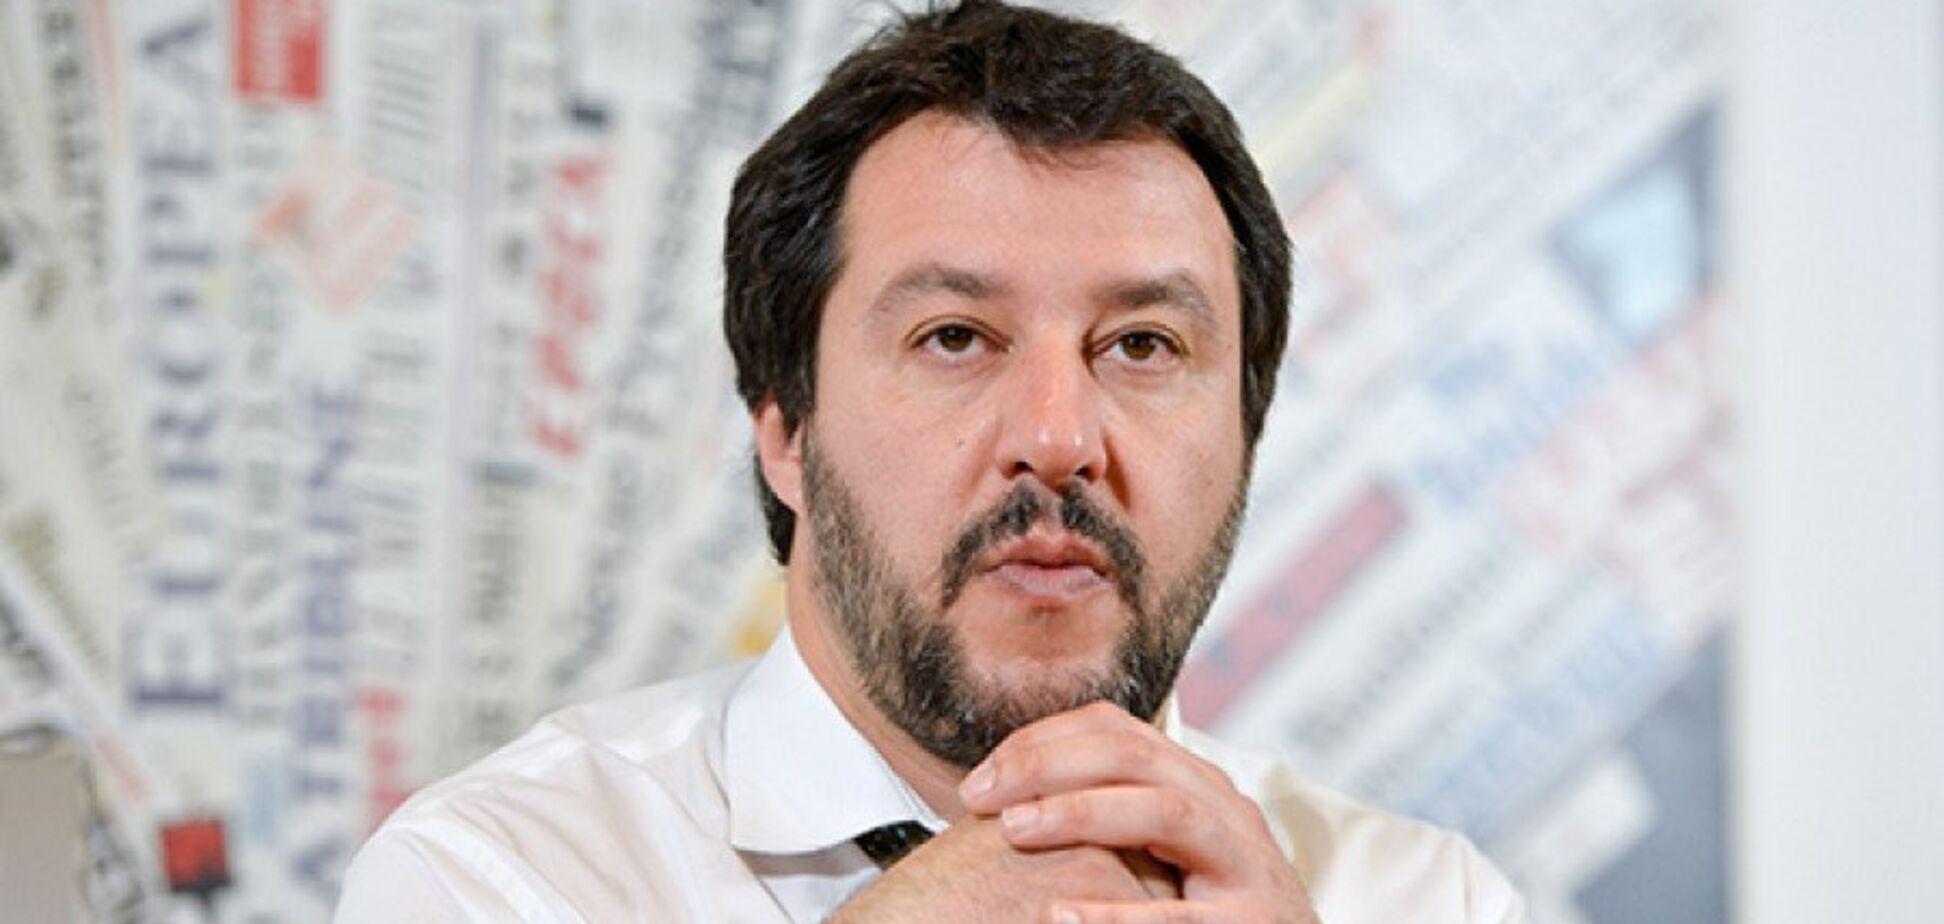 Итальянский друг Путина захотел возглавить Еврокомиссию